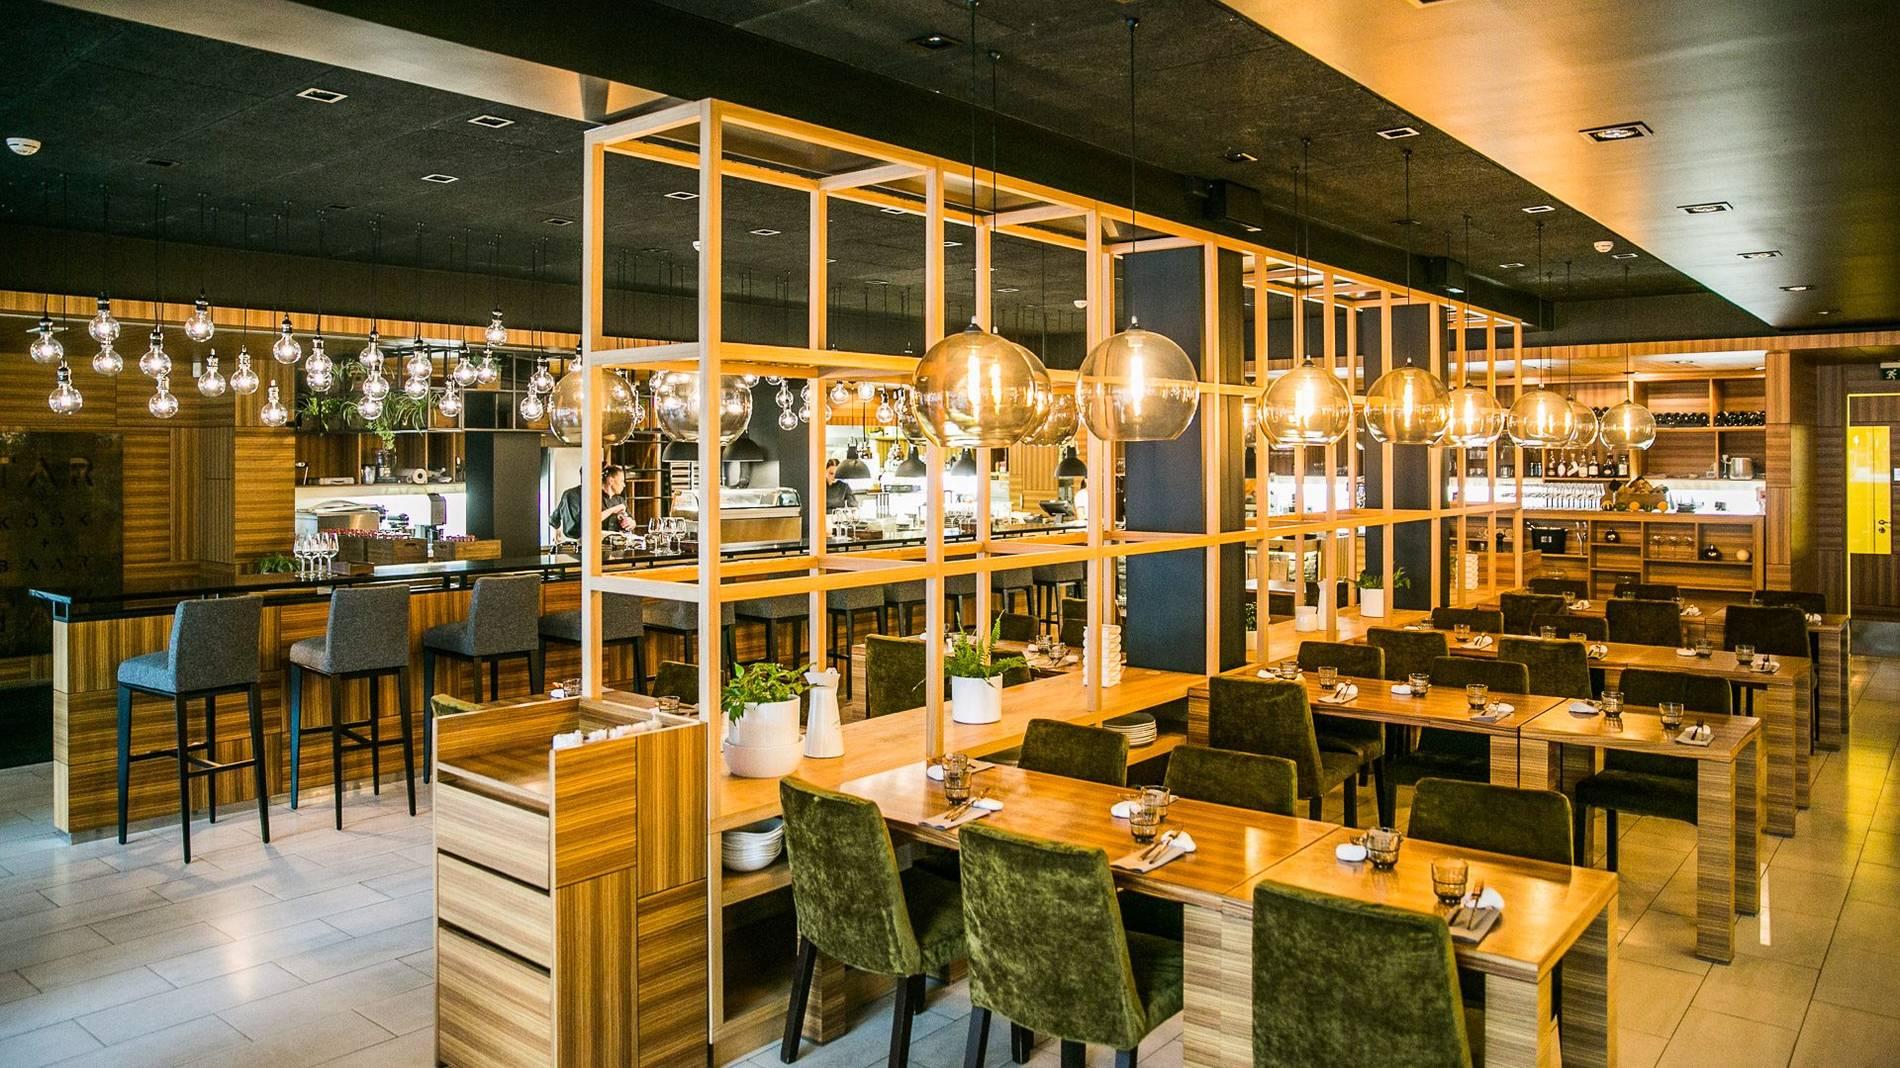 Vaade TAR TAR köök + baar restorani interjöörile, asukoht Tallinnas, Eestis.